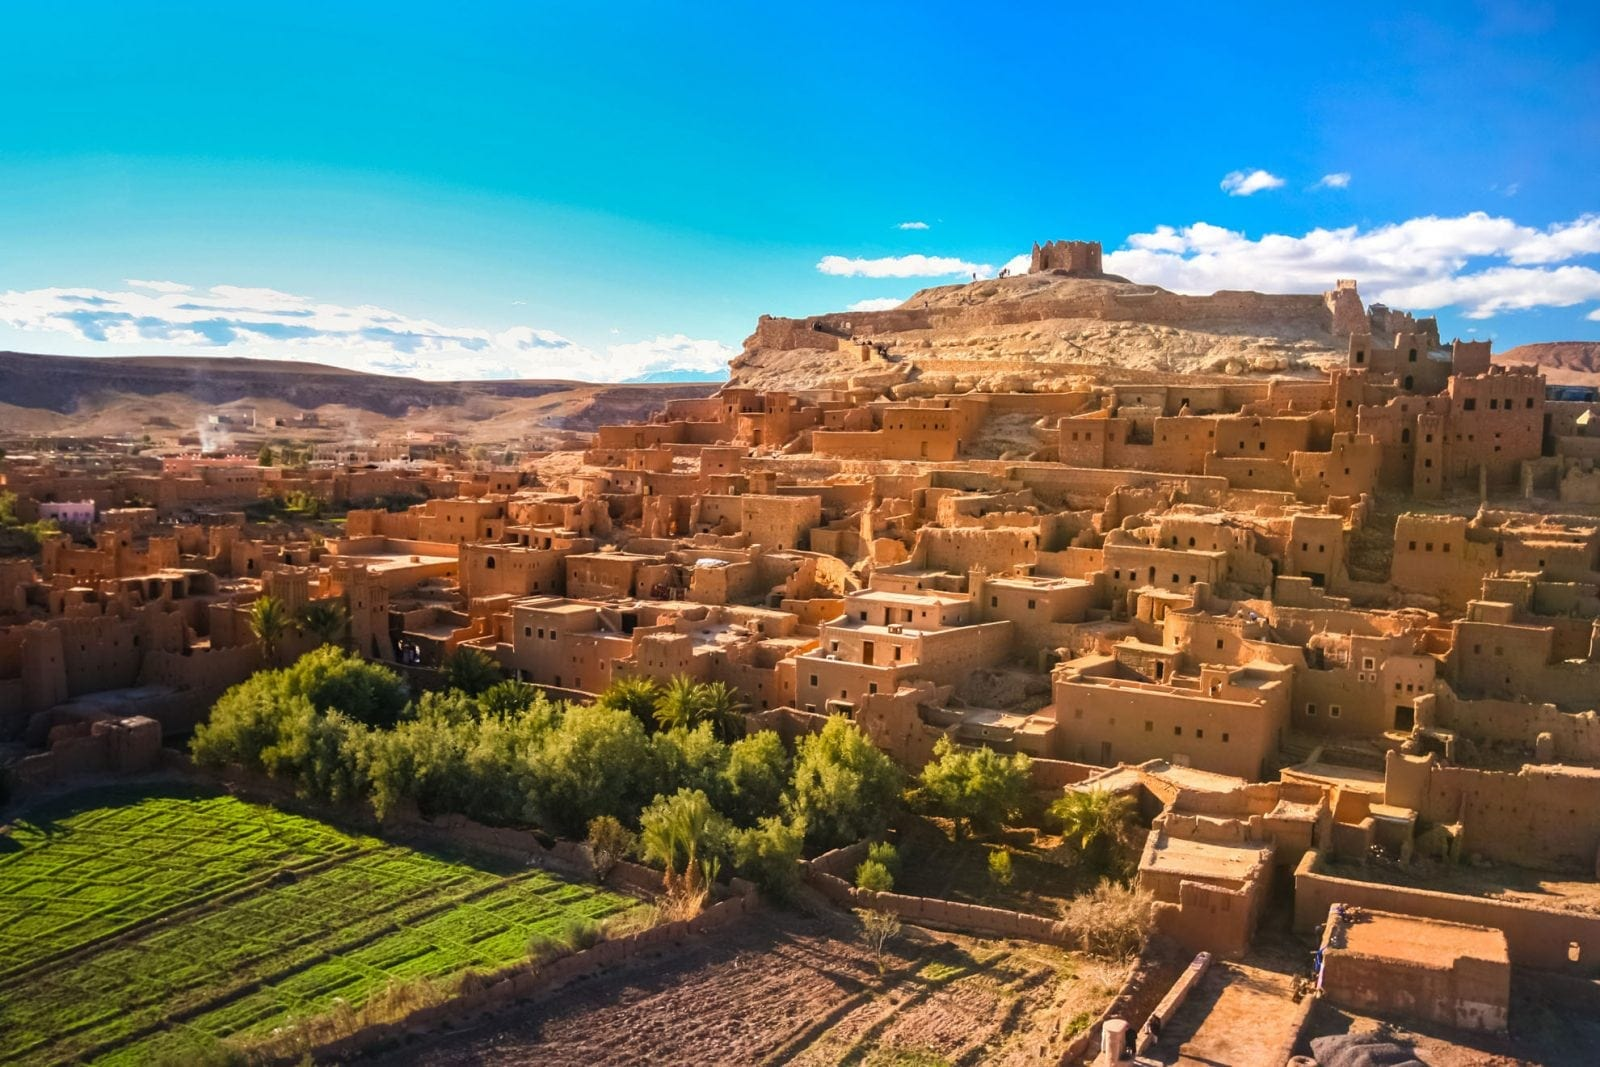 Maroc AIT BENHADDOU - 4 idei pentru vacanța de Paște 2017 - by Trip Tailor